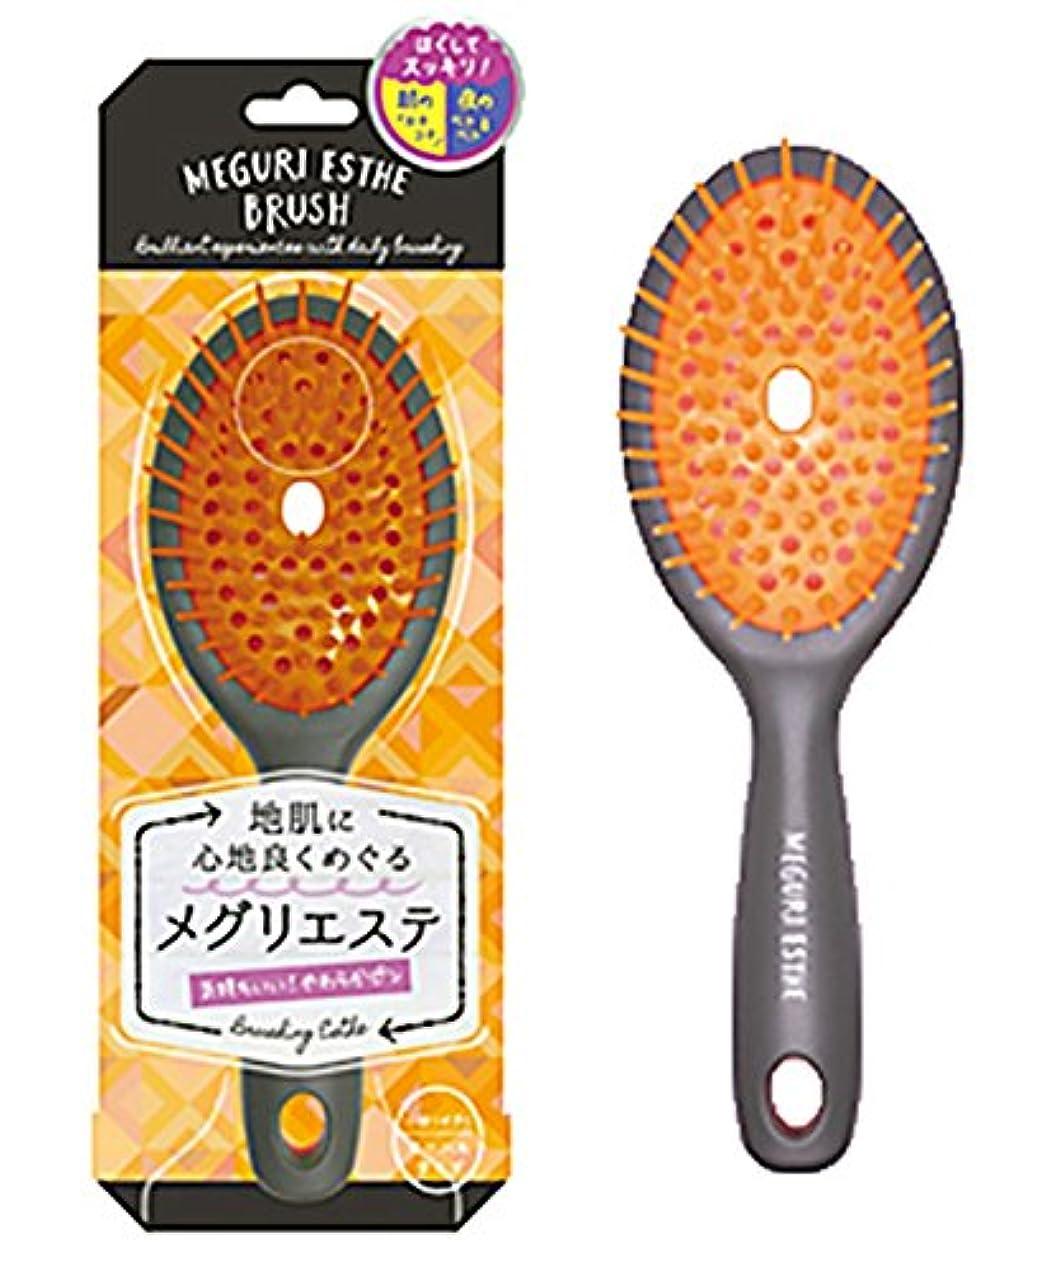 モニター範囲保持するラッキーウィンク メグリエステブラシ オーバル(オレンジ) MEB800